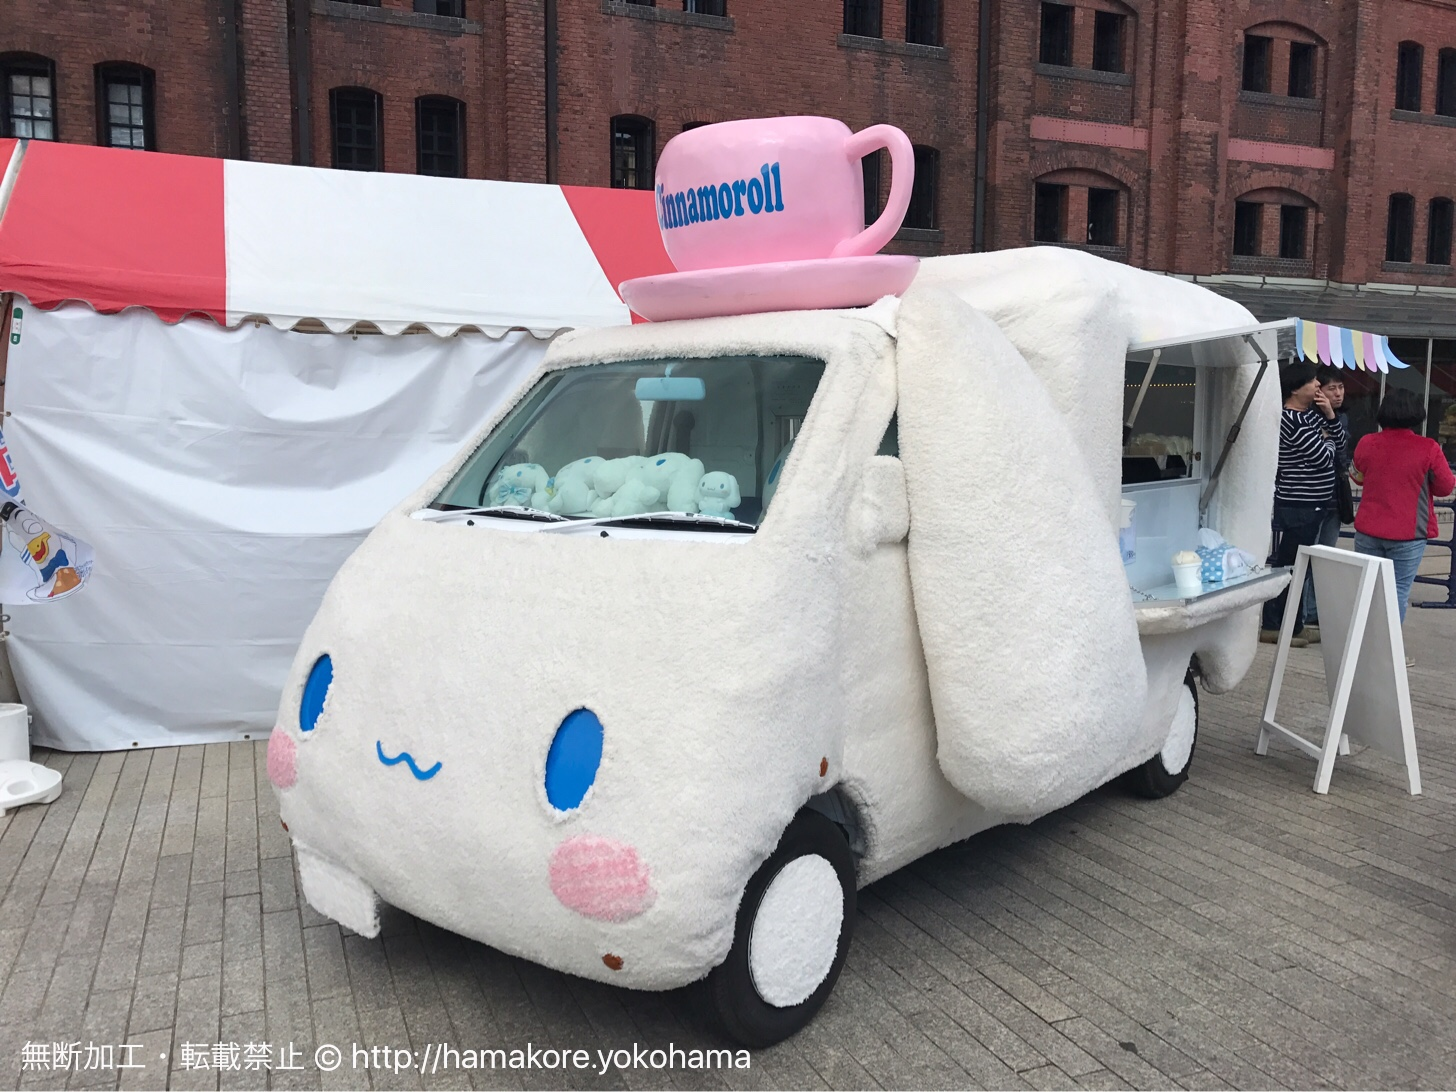 横浜赤レンガ倉庫「パンのフェス 2017」にサンリオ・シナモロールわごんが登場!